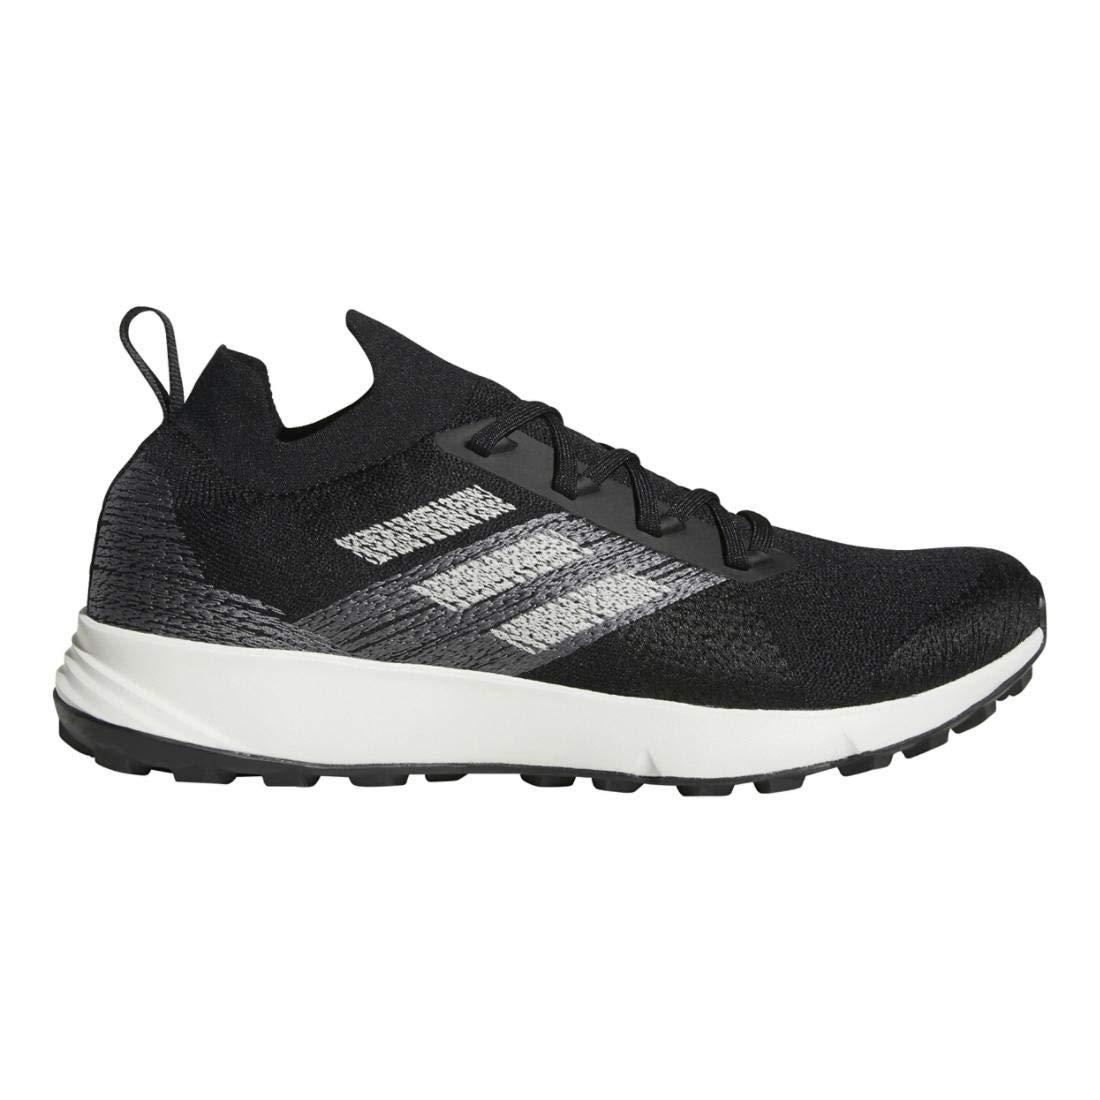 svart, grå grå grå Two, vit adidas Sport Performance herrar Terrex Two Parley skor  för att ge dig en trevlig online shopping